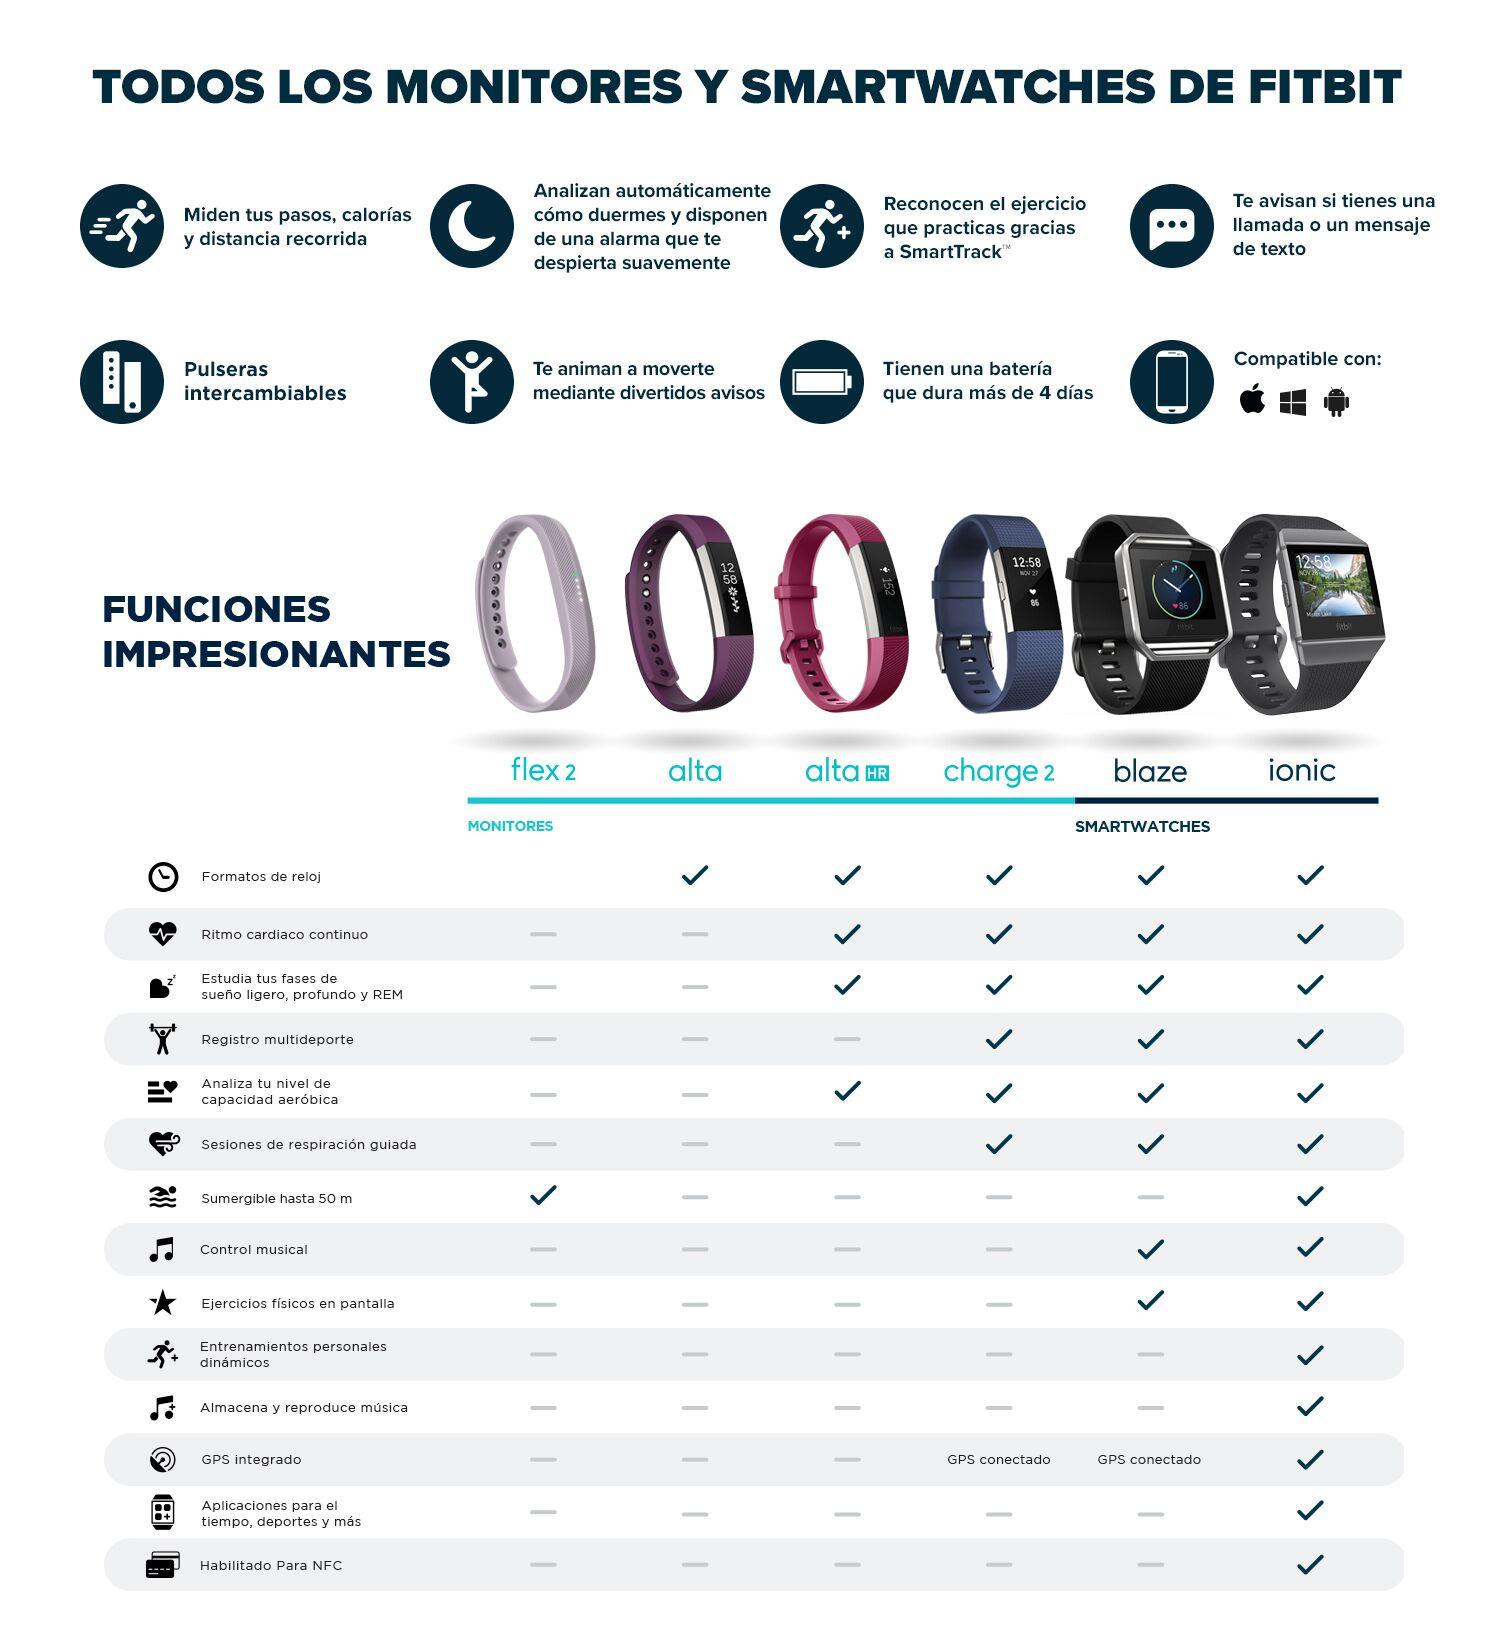 Fitbit - Tabla comparativa